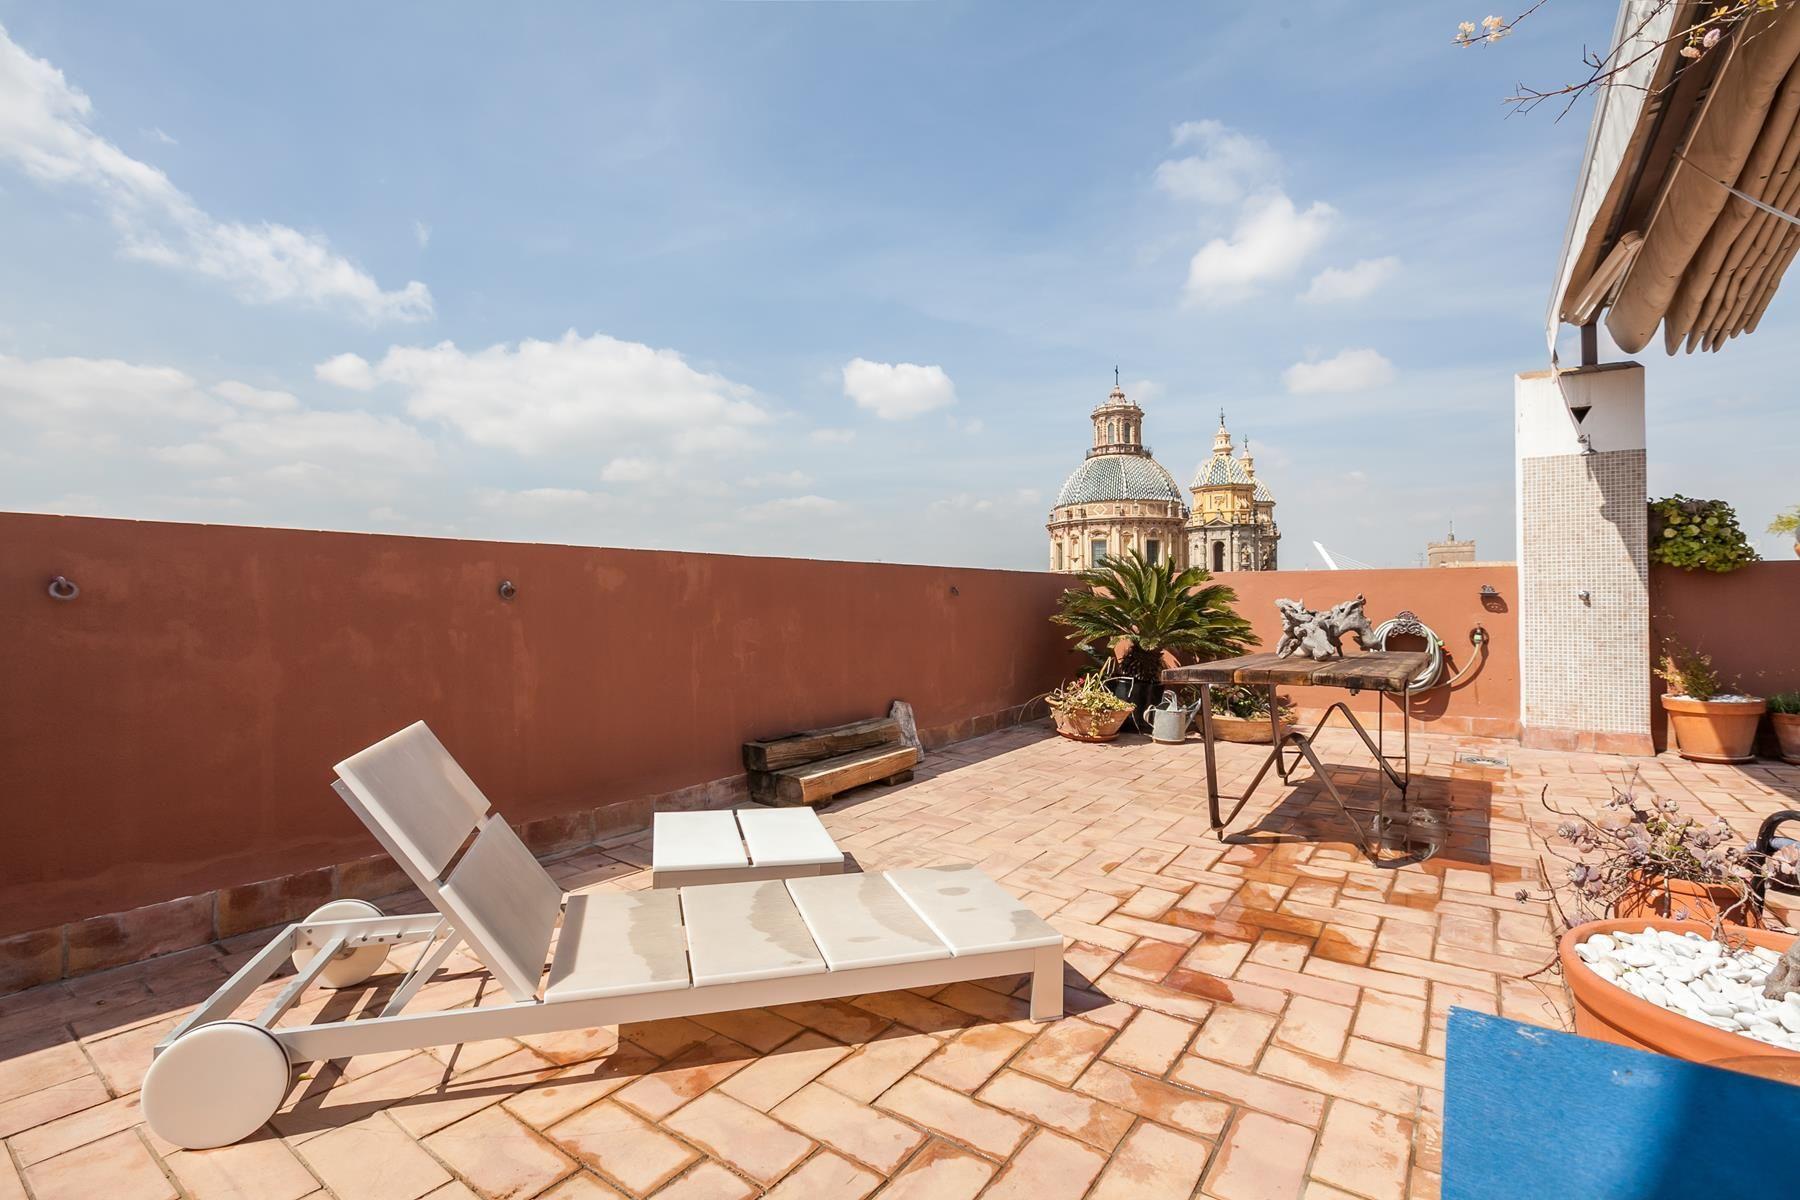 ático Restaurado En Sevilla Airbnb Terrazas Sevilla Y